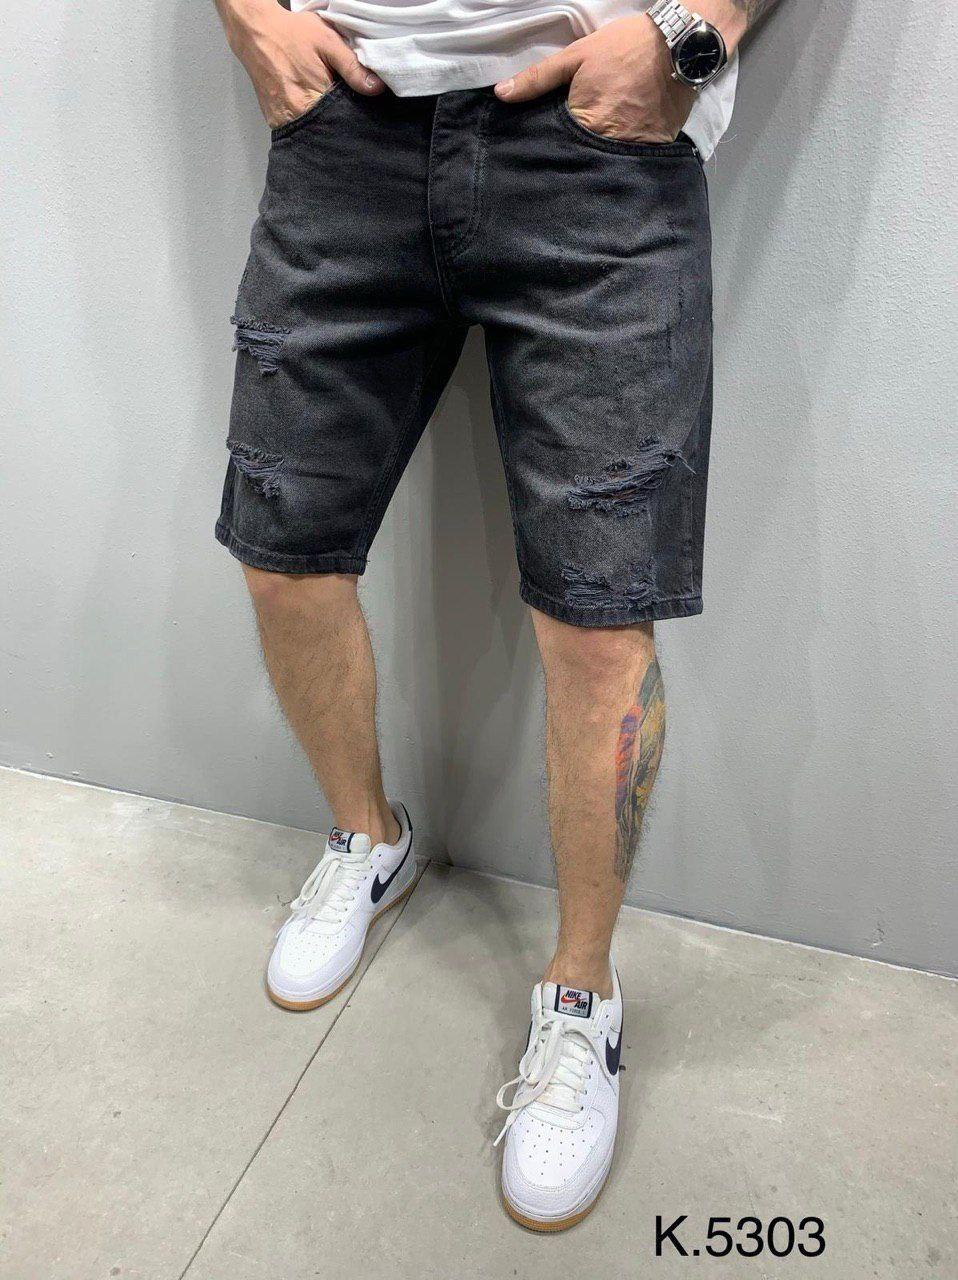 Мужские джинсовые шорты темно-серые 2Y Premium K5303